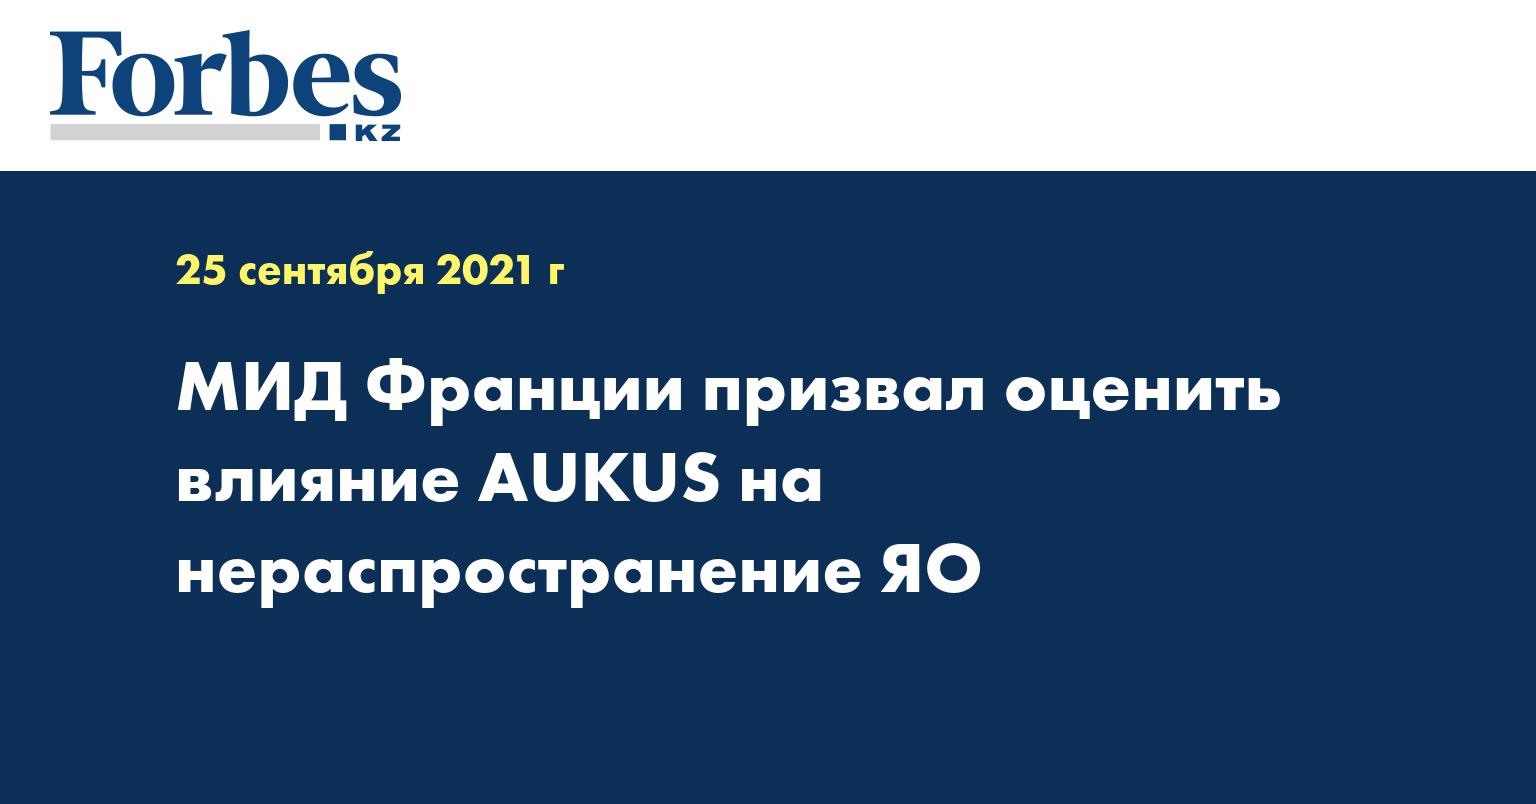 МИД Франции призвал оценить влияние AUKUS на нераспространение ЯО